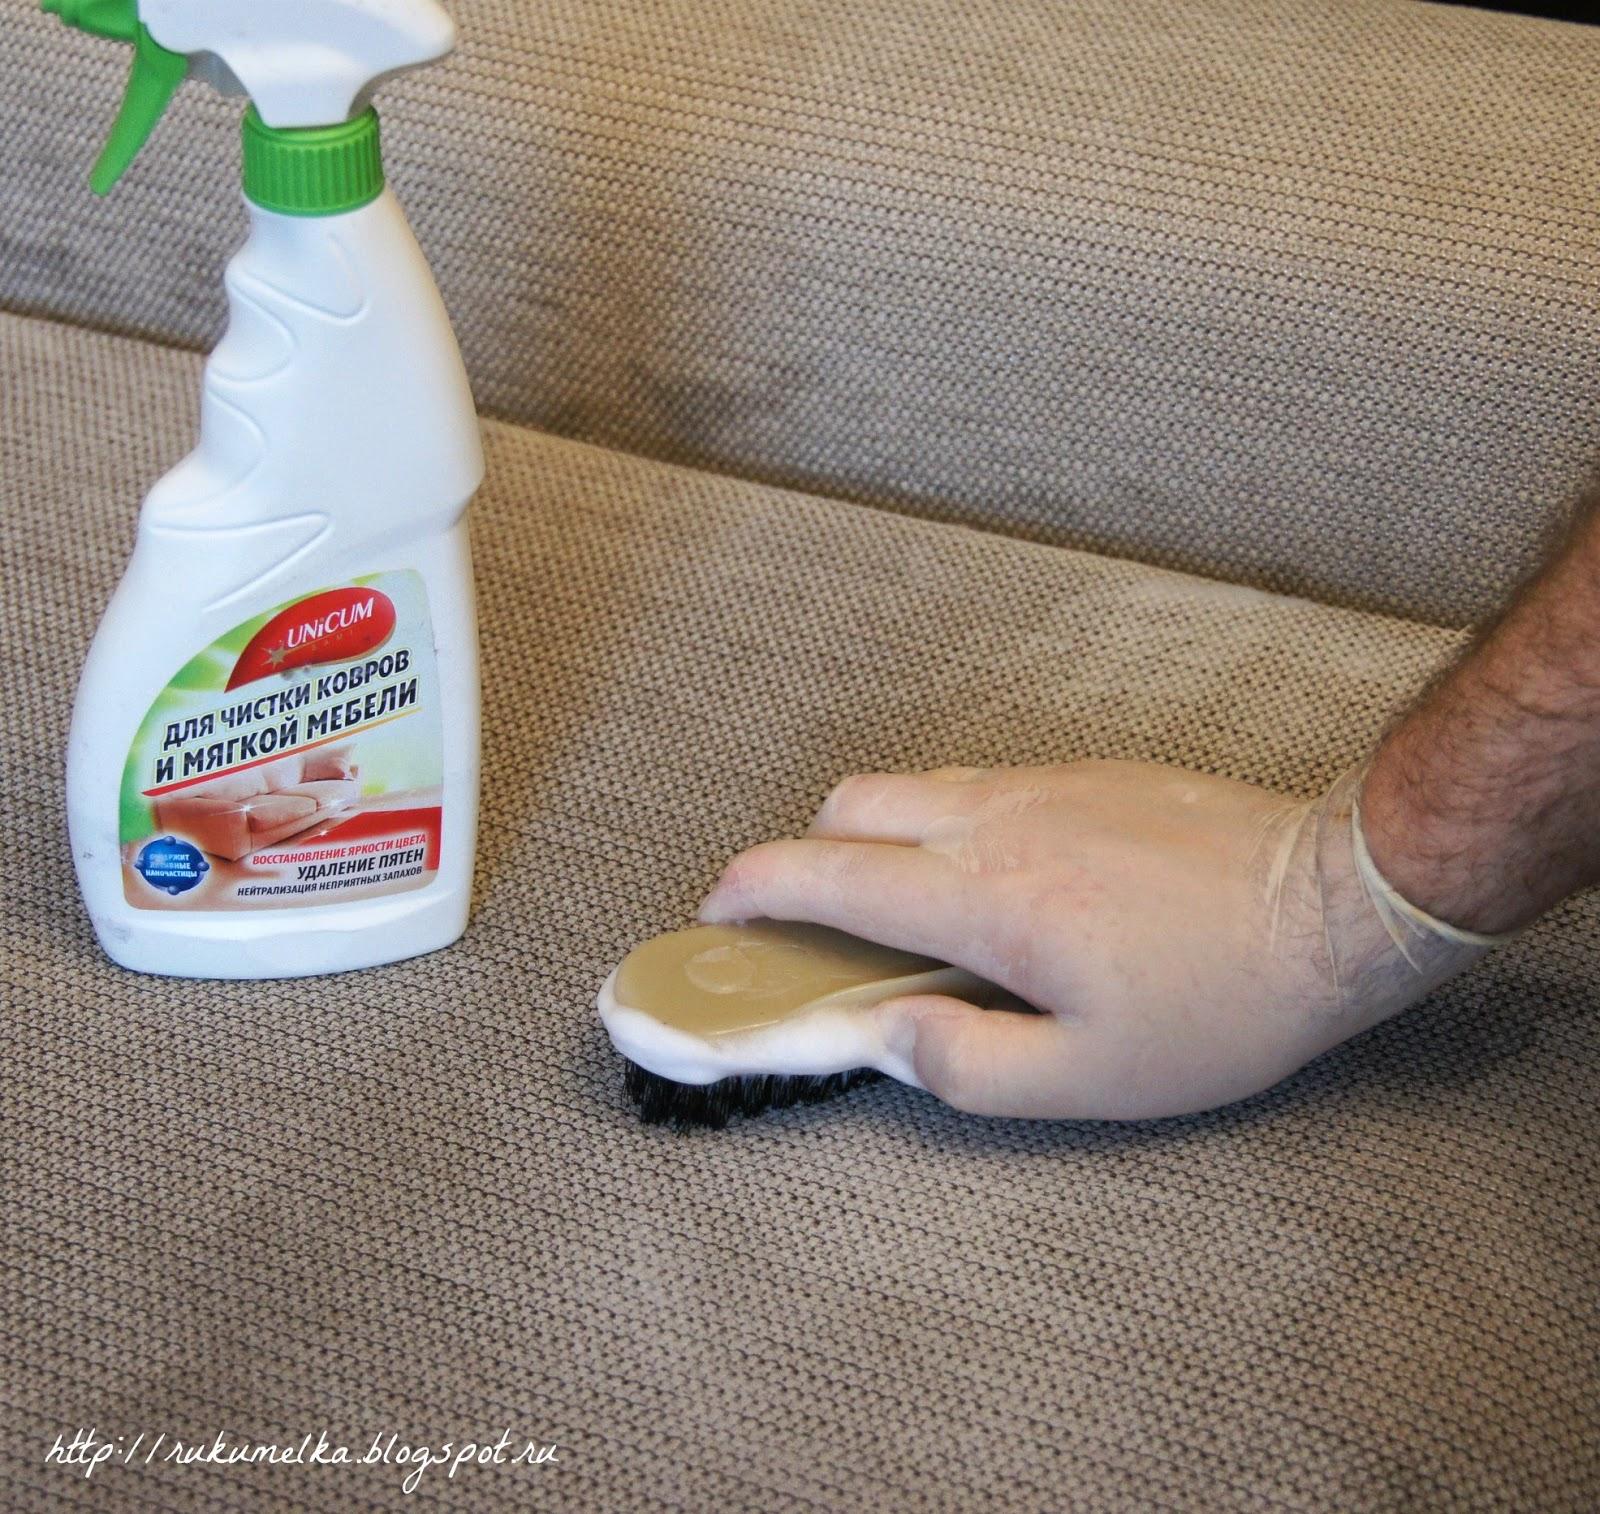 Как убрать запах детской мочи на диване в домашних условиях